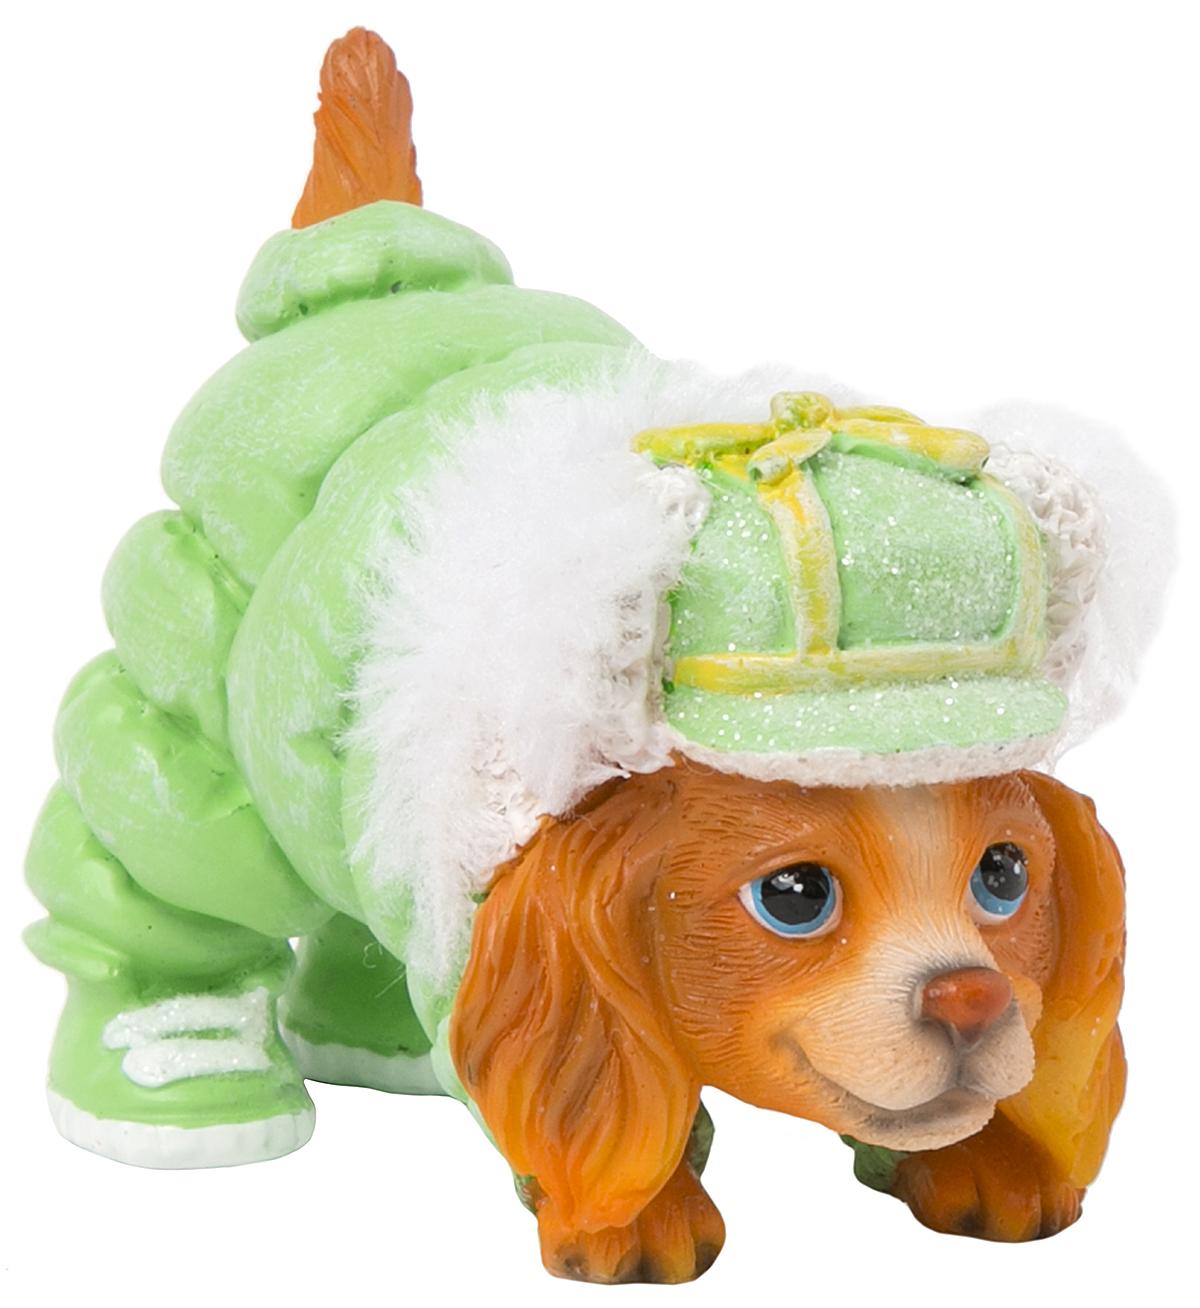 Фигурка декоративная Magic Time Собачка в зеленом комбинезоне. 7557375573Фигурка декоративная Magic Time, выполненная из полирезины, станет оригинальным подарком для всех любителей необычных вещей. Она выполнена в виде собаки. Изысканный сувенир станет прекрасным дополнением к интерьеру. Вы можете поставить фигурку в любом месте, где она будет удачно смотреться и радовать глаз.